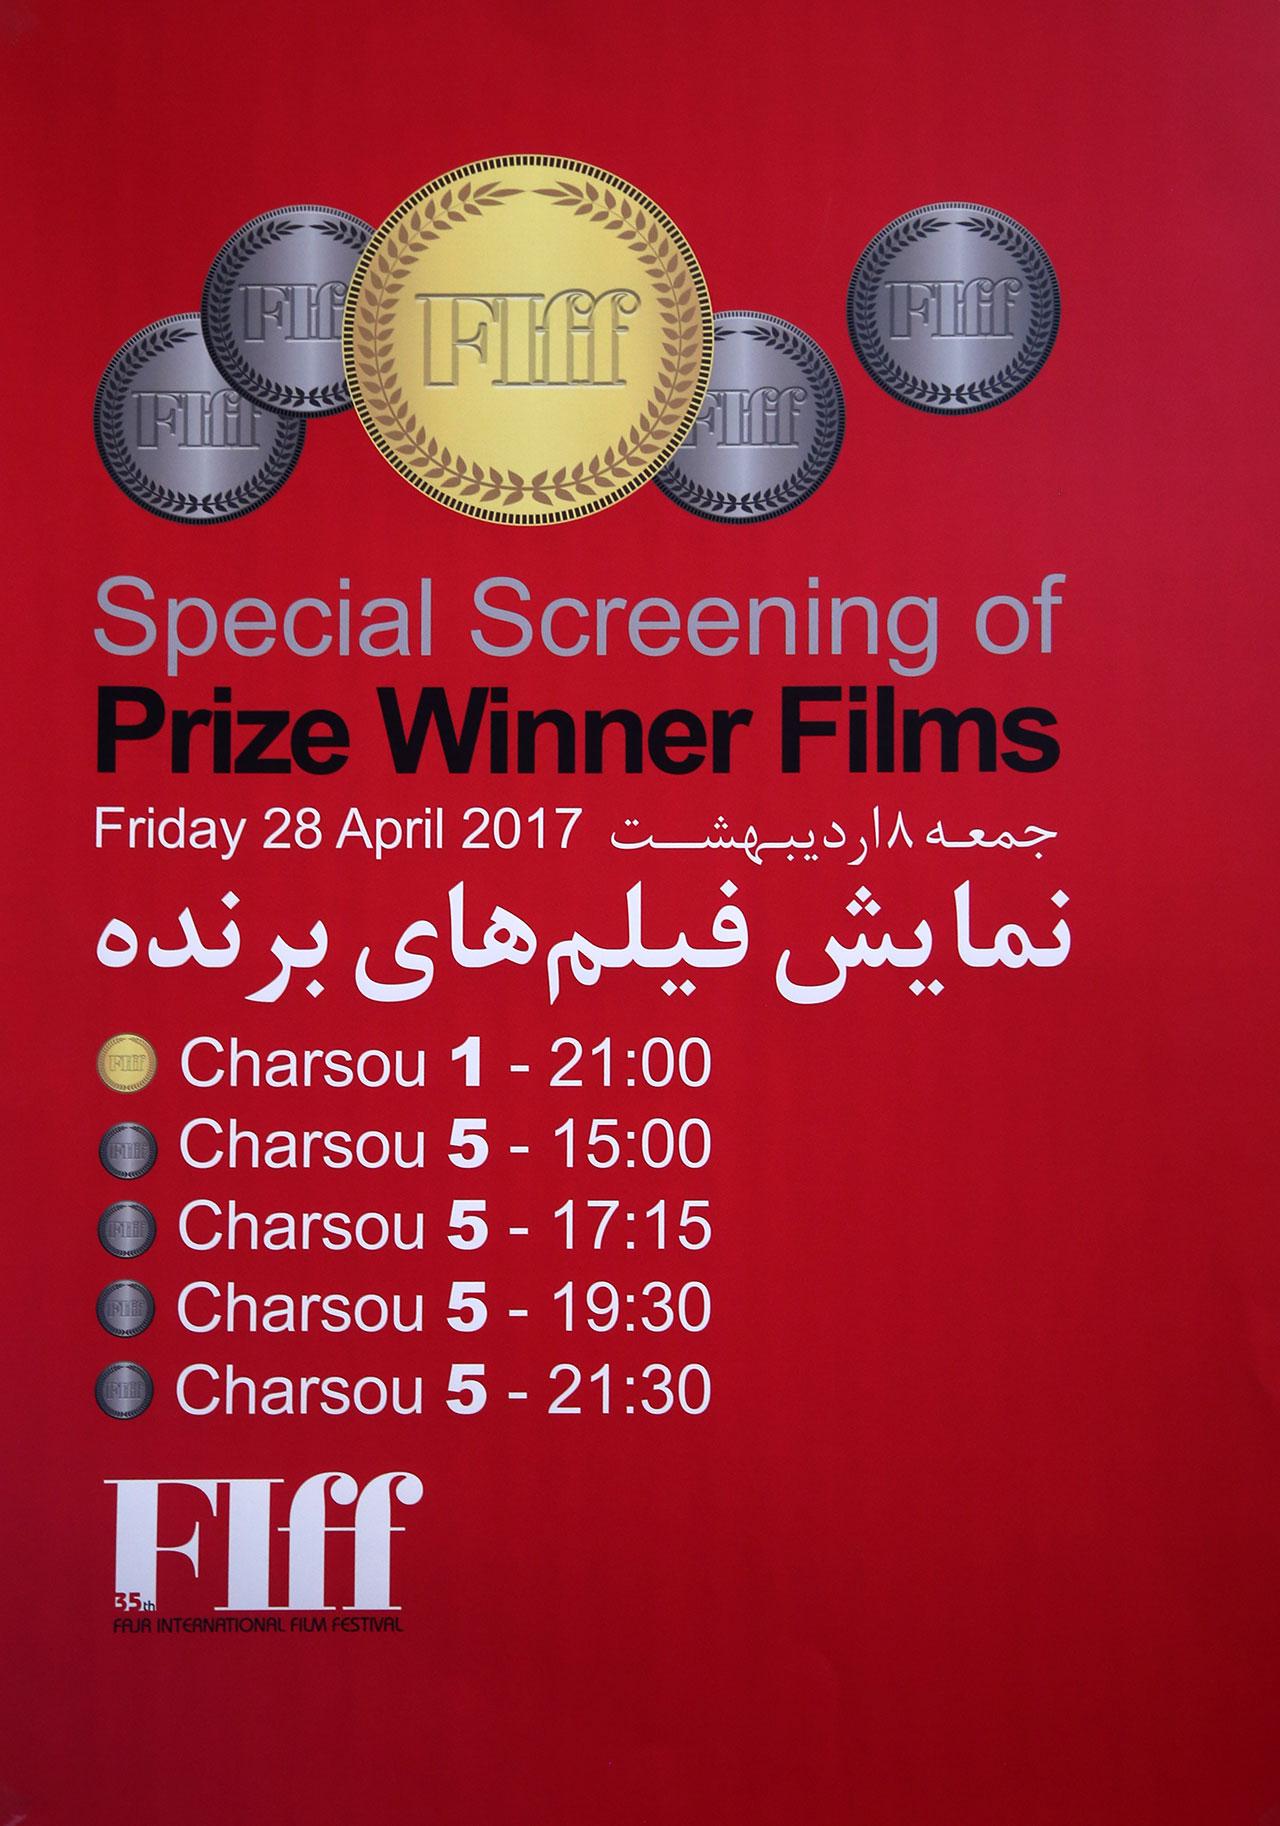 فیلمهای منتخب جشنواره جهانی روز جمعه در چارسو به نمایش درمیآیند